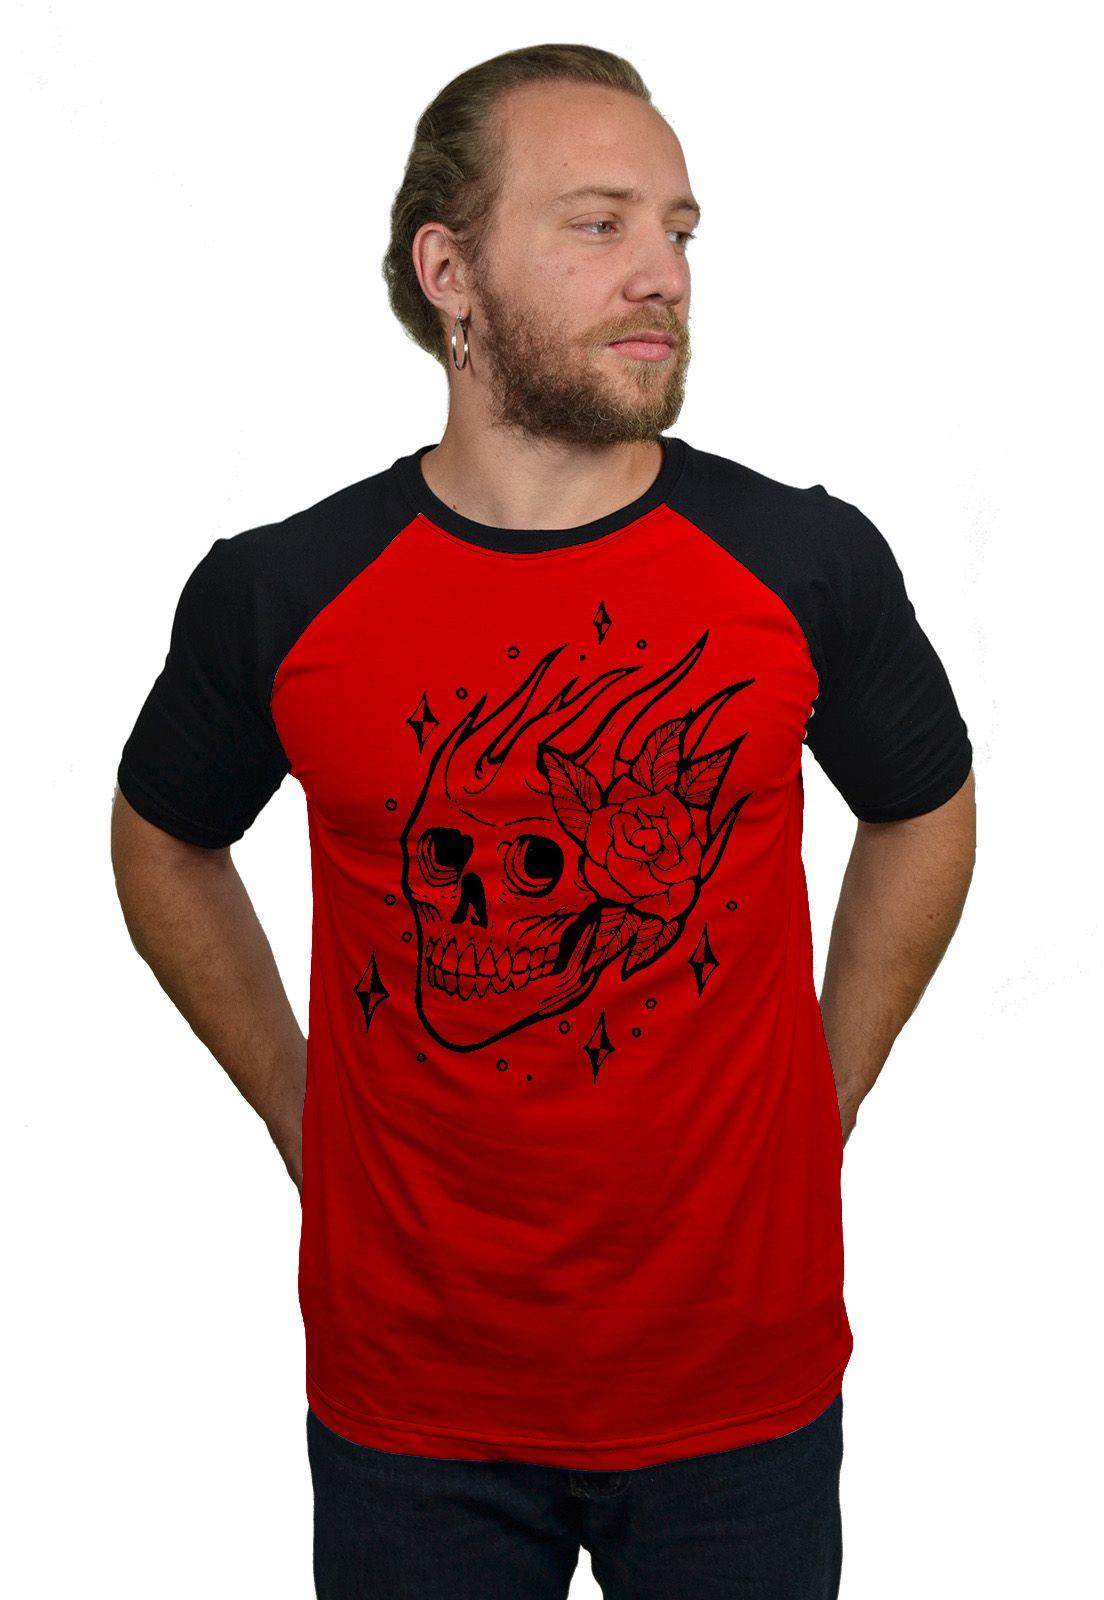 Camiseta Raglan Hshop Skull Rose - Vermelho com Preto  - HShop